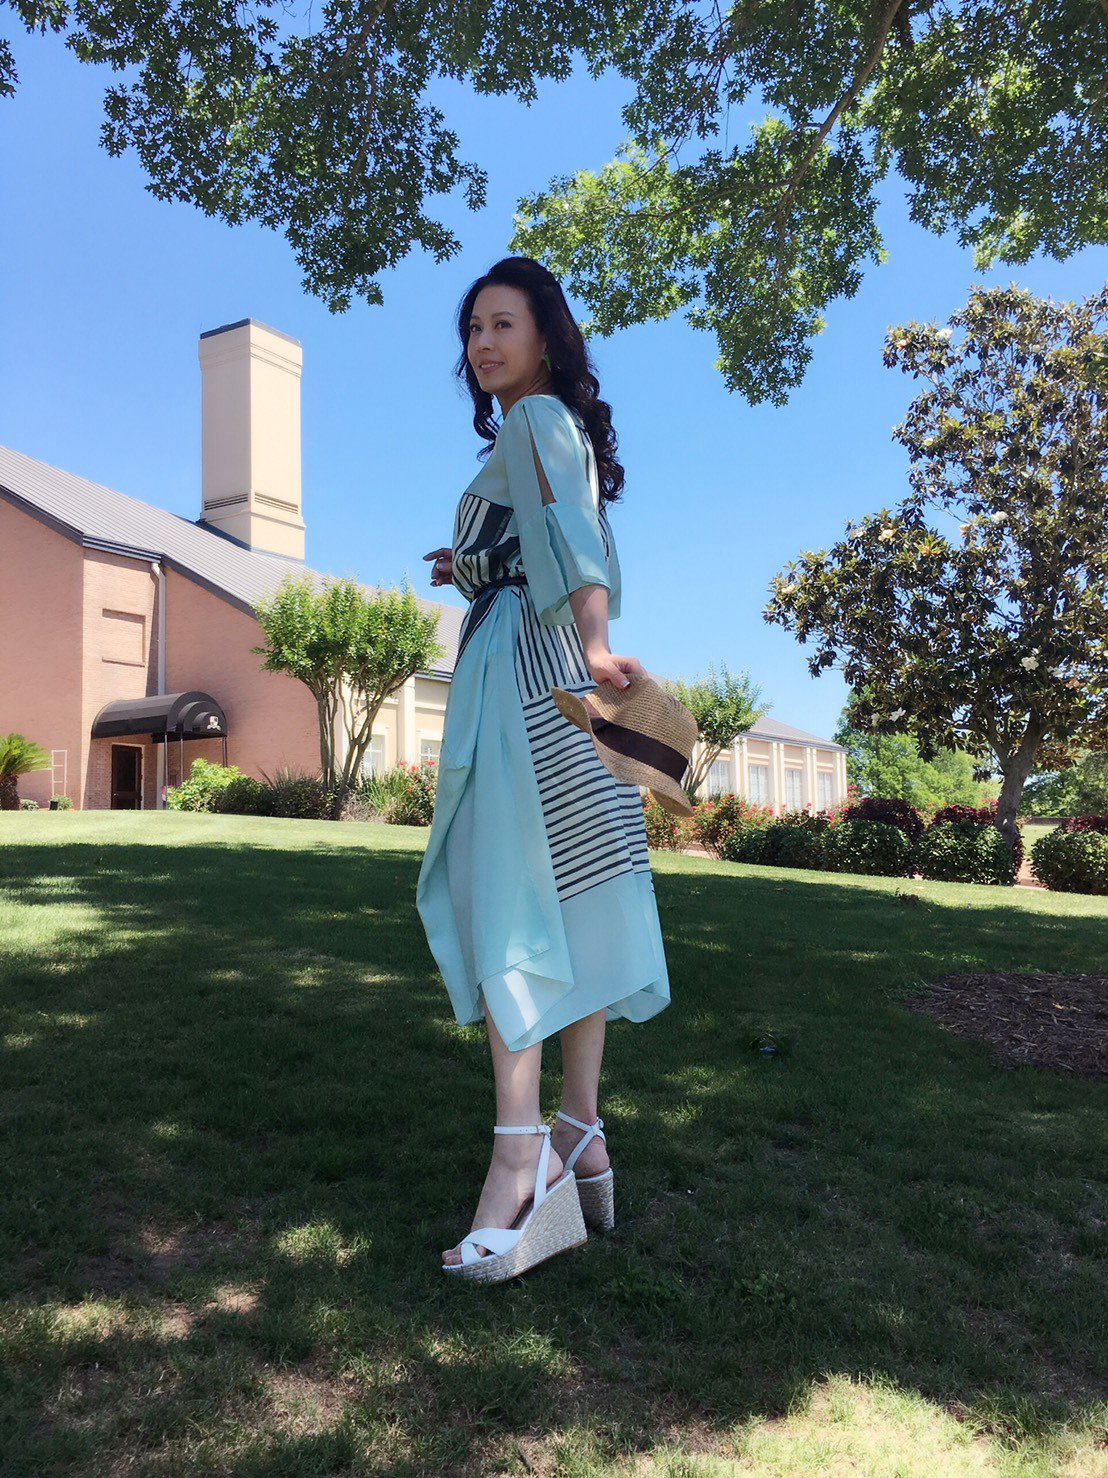 涂善妮受邀到美國參加影展並客串演出電影。圖/涂善妮提供